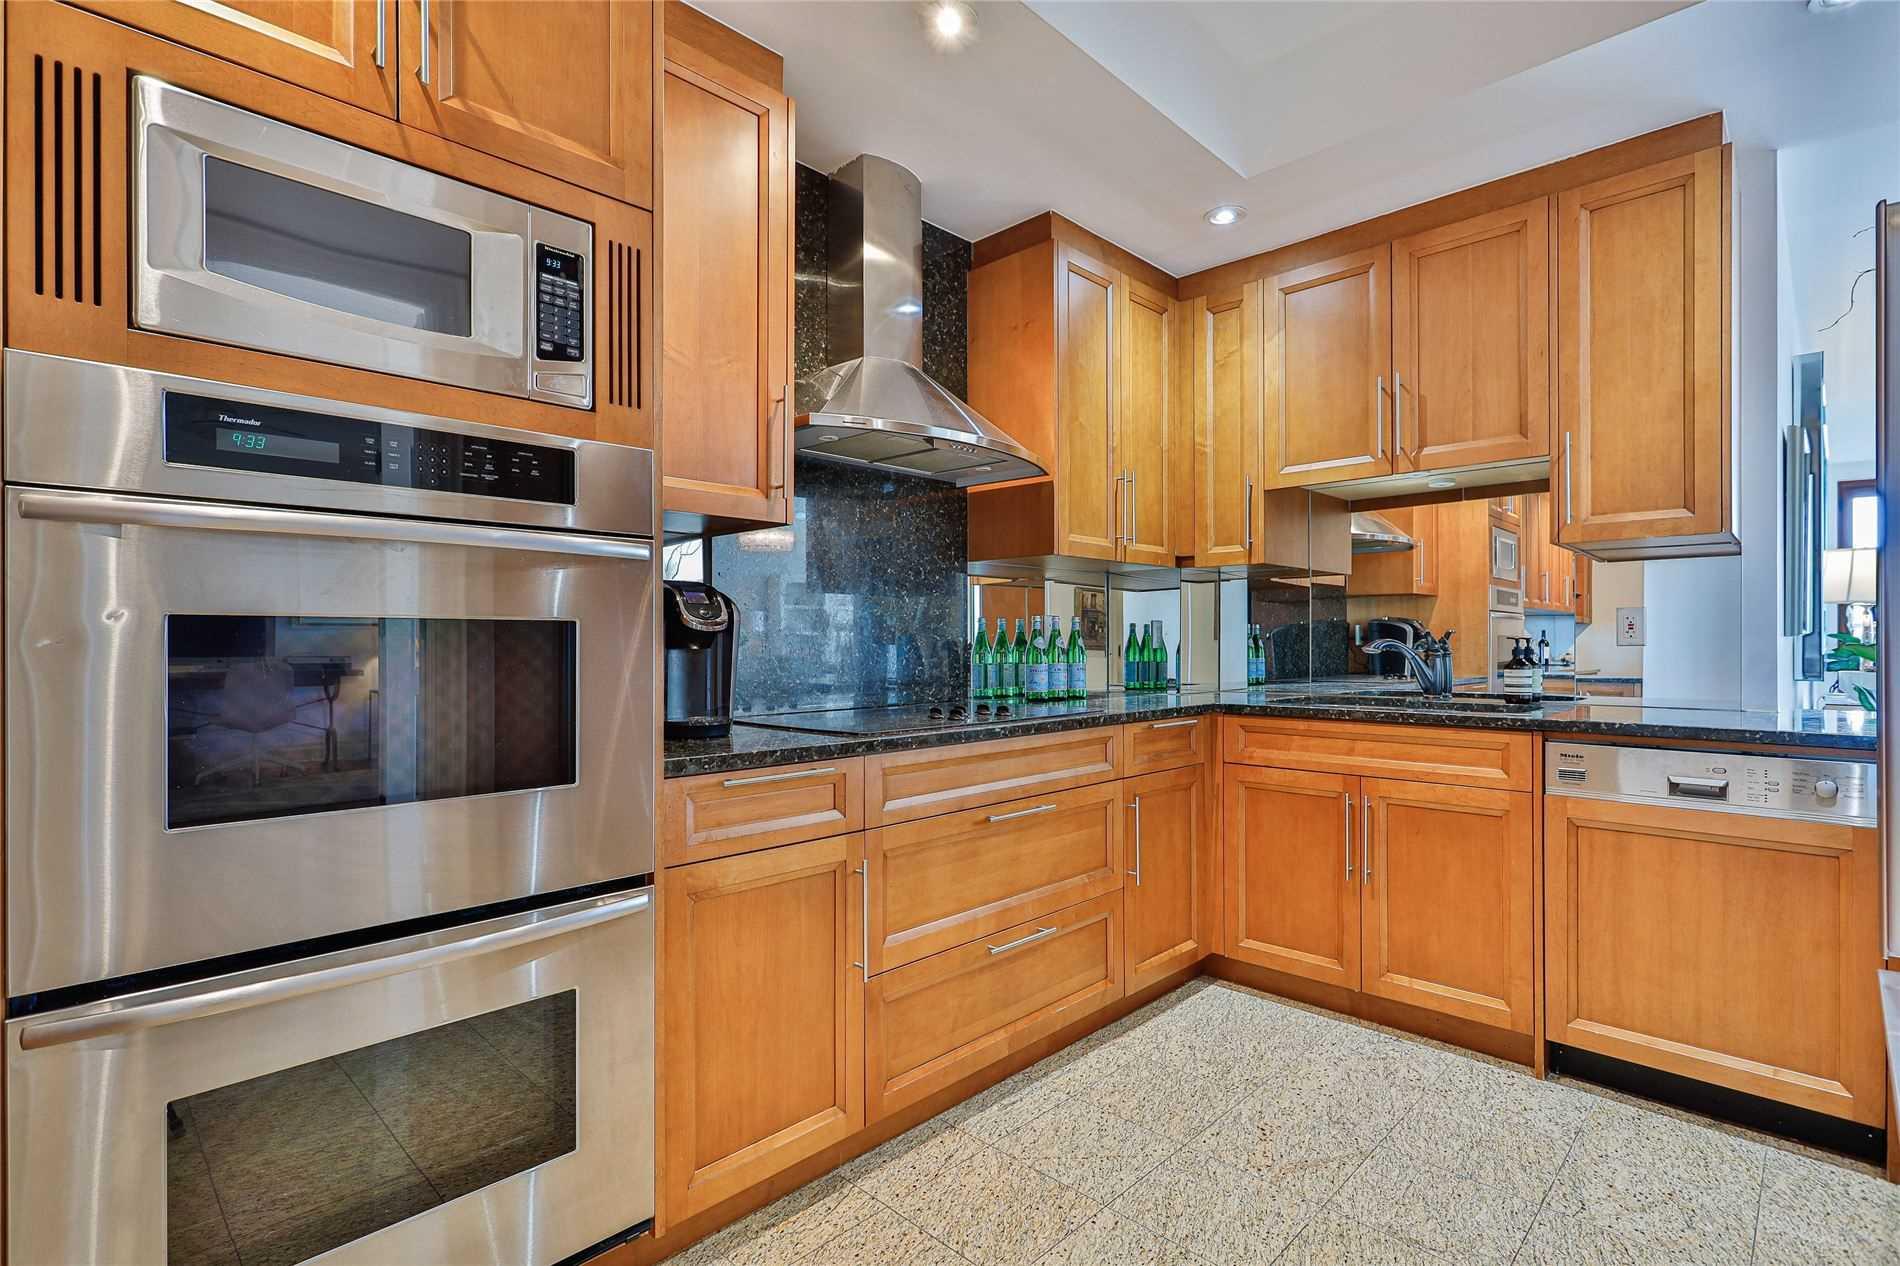 317 - 2095 Lake Shore Blvd W - Mimico Condo Apt for sale, 2 Bedrooms (W5369727) - #13